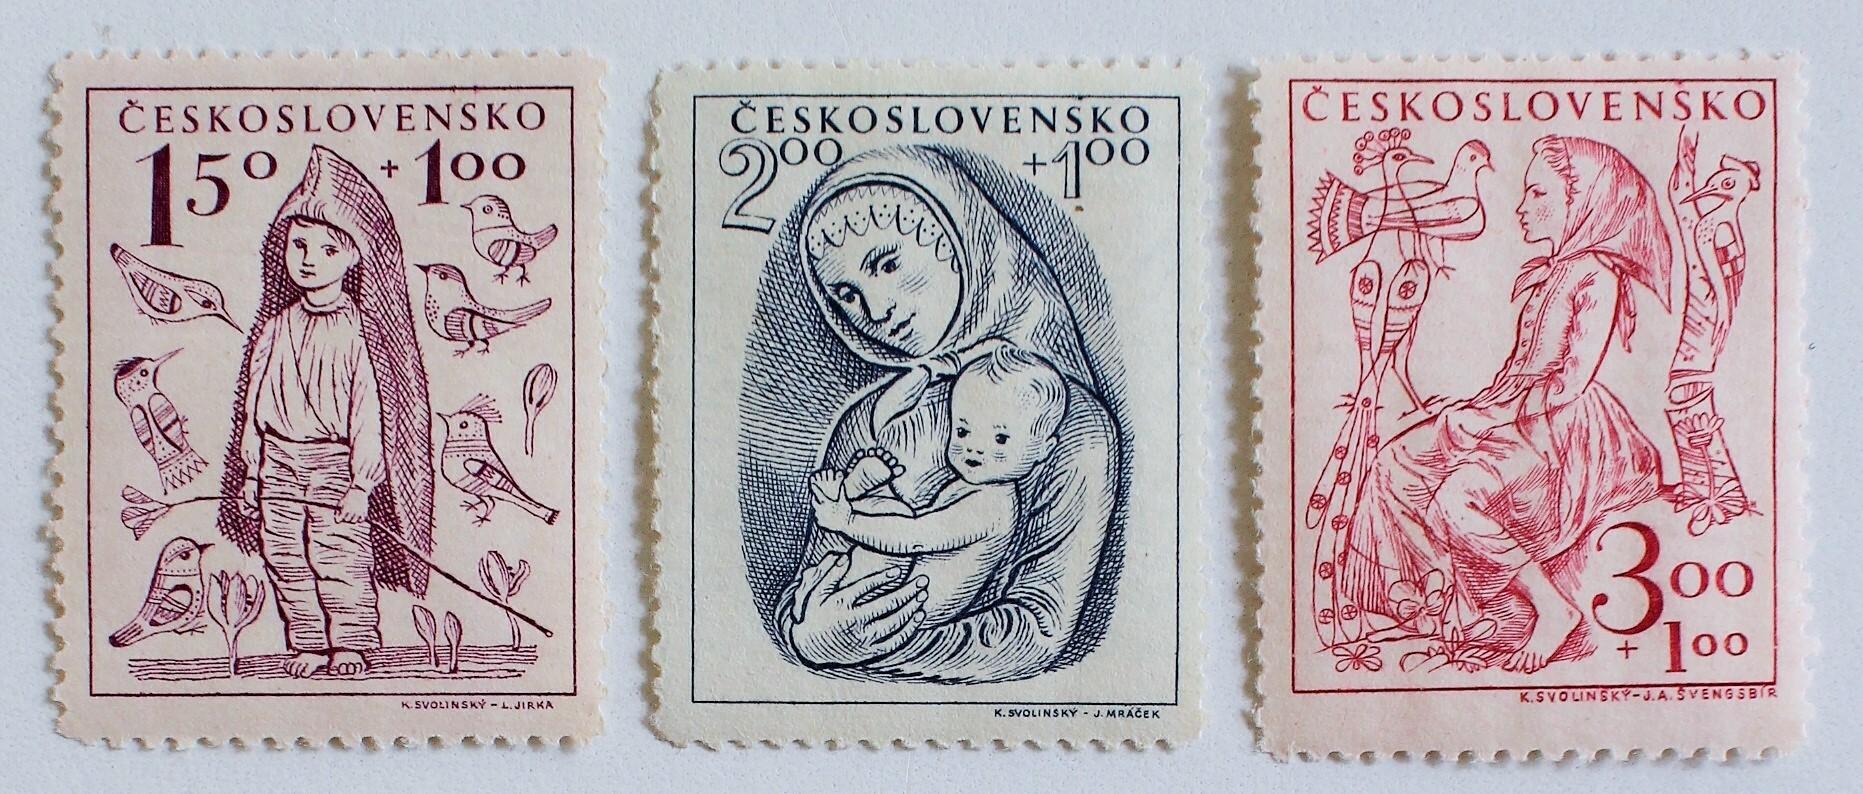 児童福祉 / チェコスロバキア 1948